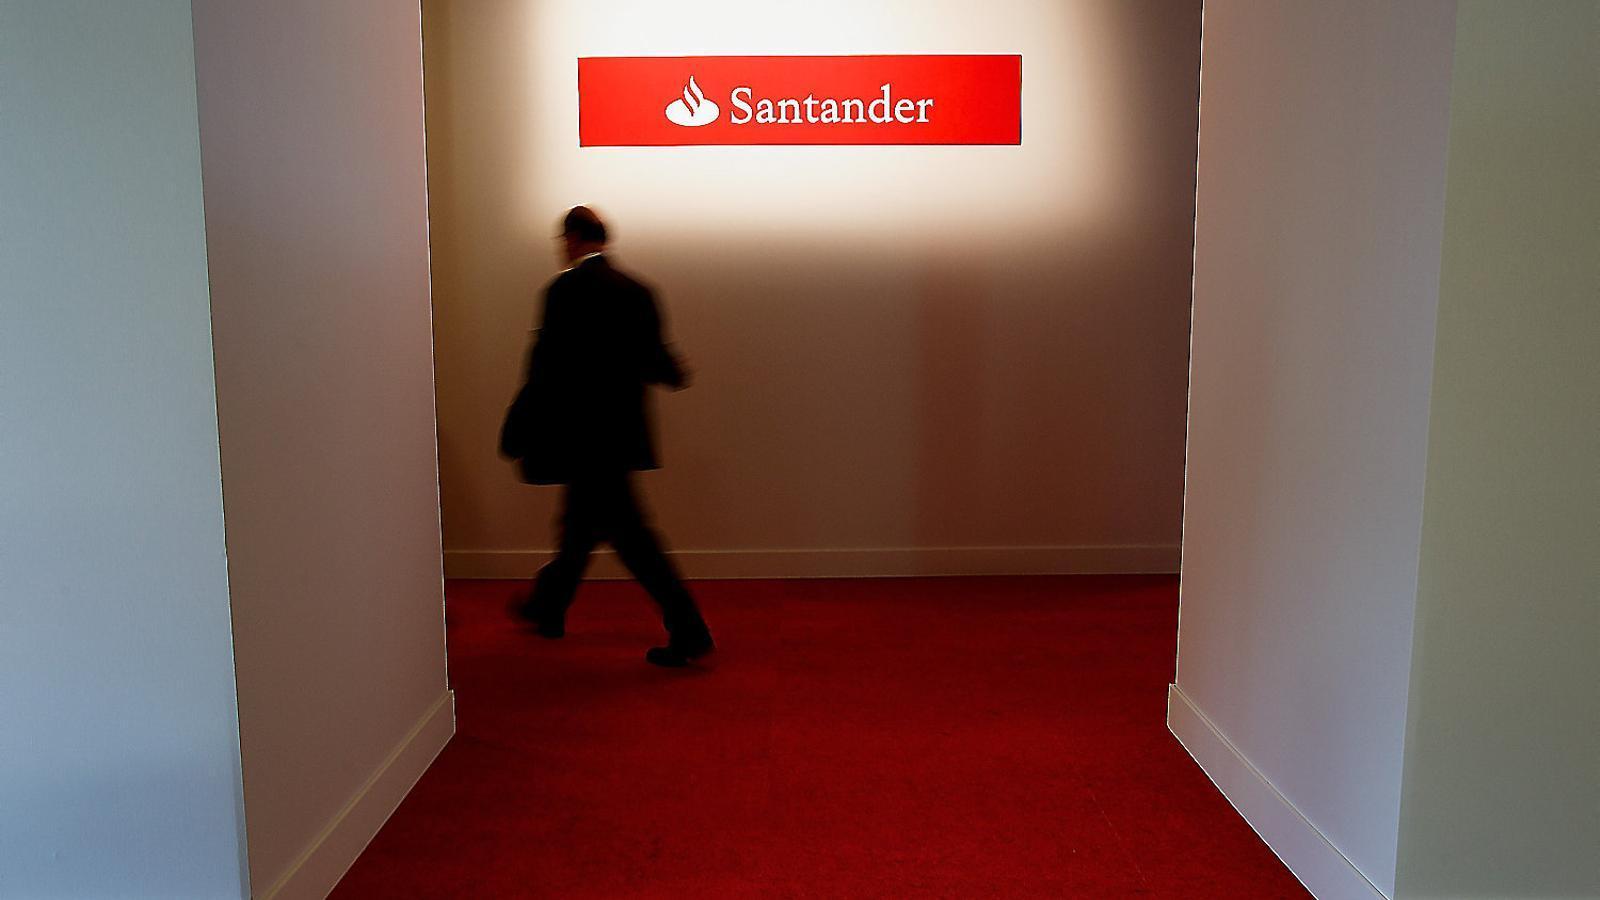 El Santander prepara un ERO poc després d'haver renunciat a pagar uns emoluments astronòmics a qui havia de ser el nou conseller delegat, Andrea Orcel.